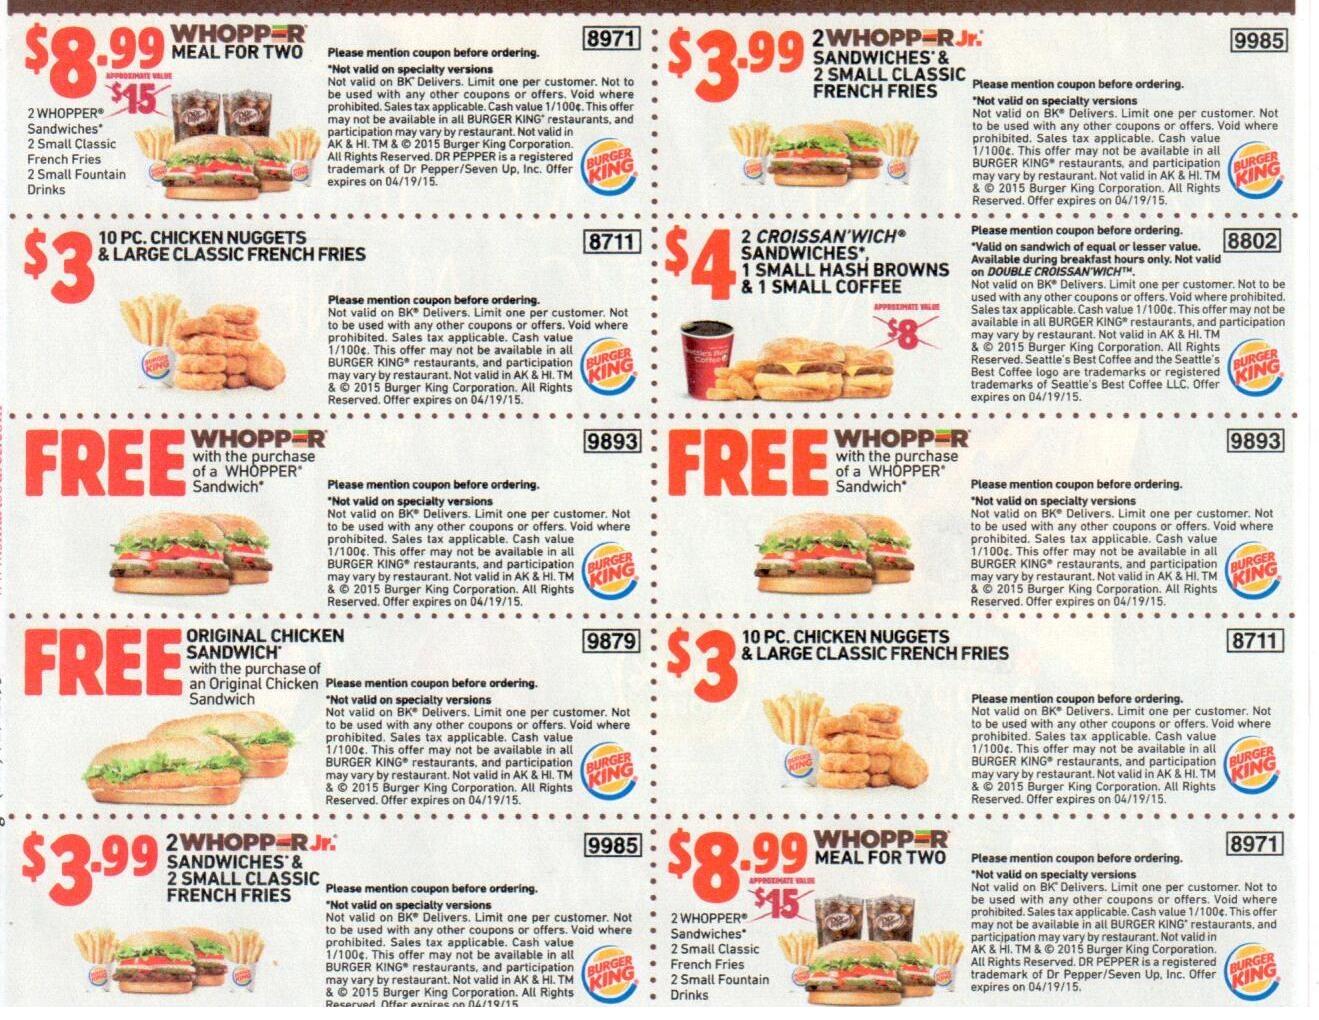 Sheet-Burger-King-Printable-Coupons-May - Burger King Free Coupons Printable